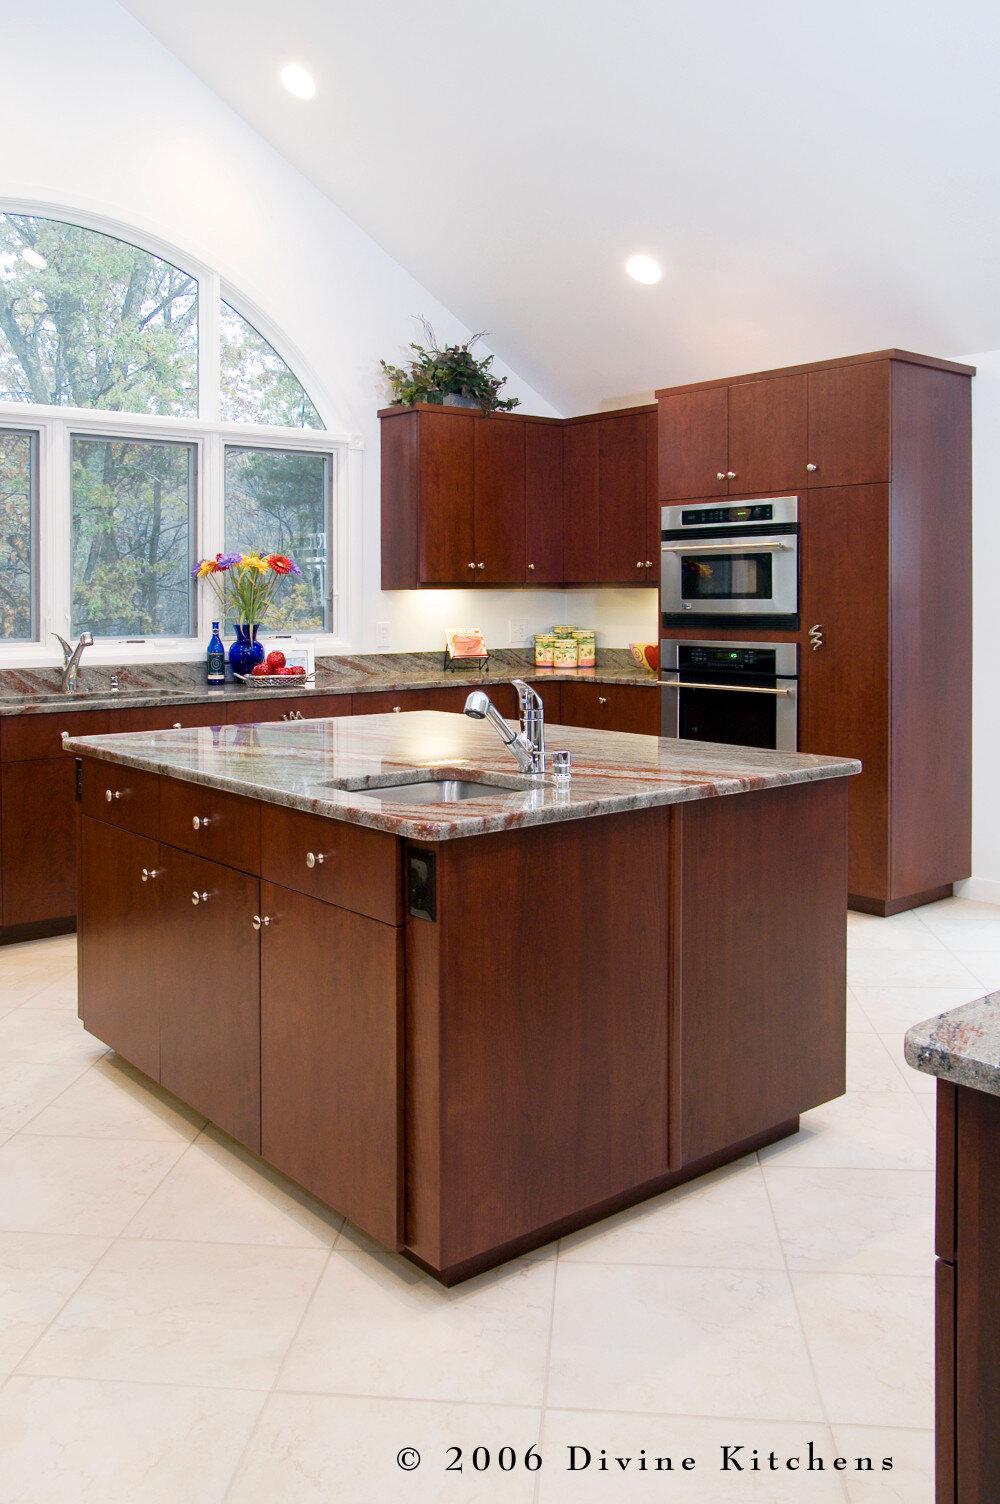 Boston Metrowest Modern Contemporary Cherry Kitchen Divine Design Center